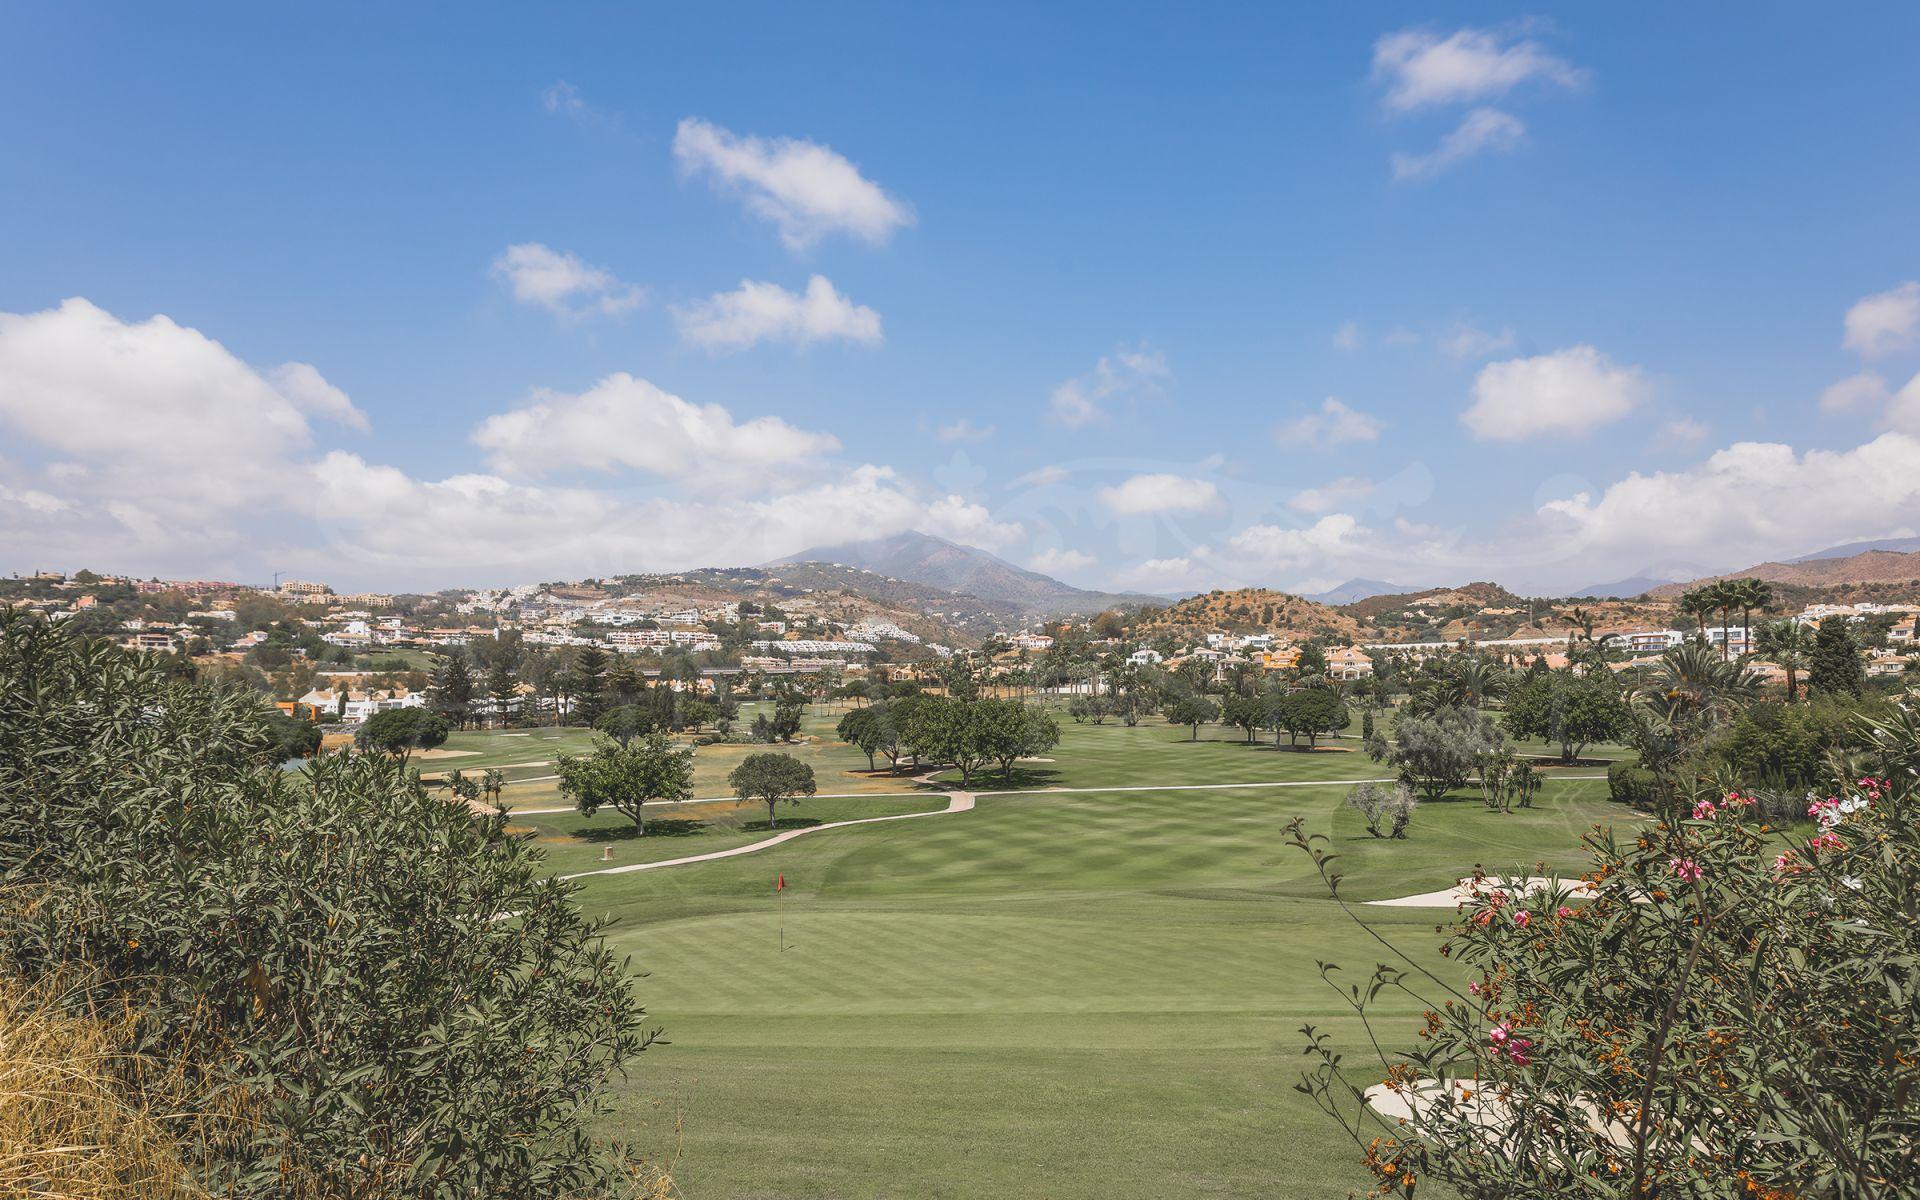 Apartamento de 3 dormitorios totalmente reformado en primera línea de golf Los Naranjos